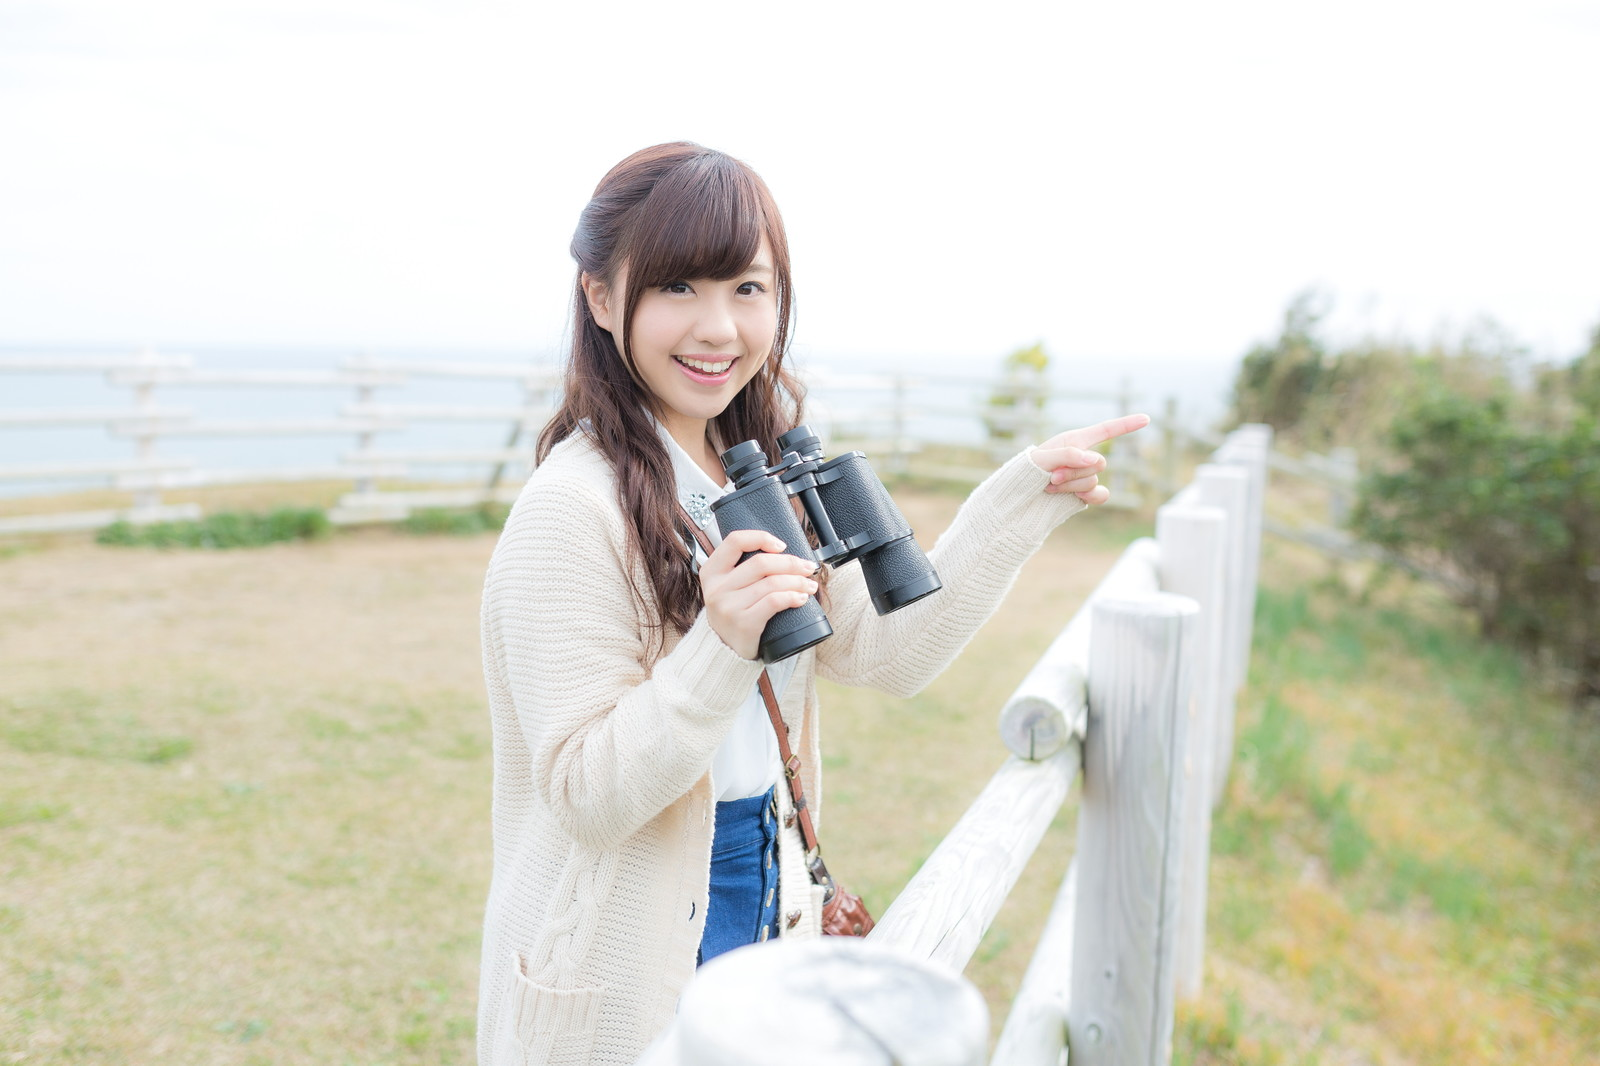 「笑顔で観光地を案内する双眼鏡女子」の写真[モデル:河村友歌]